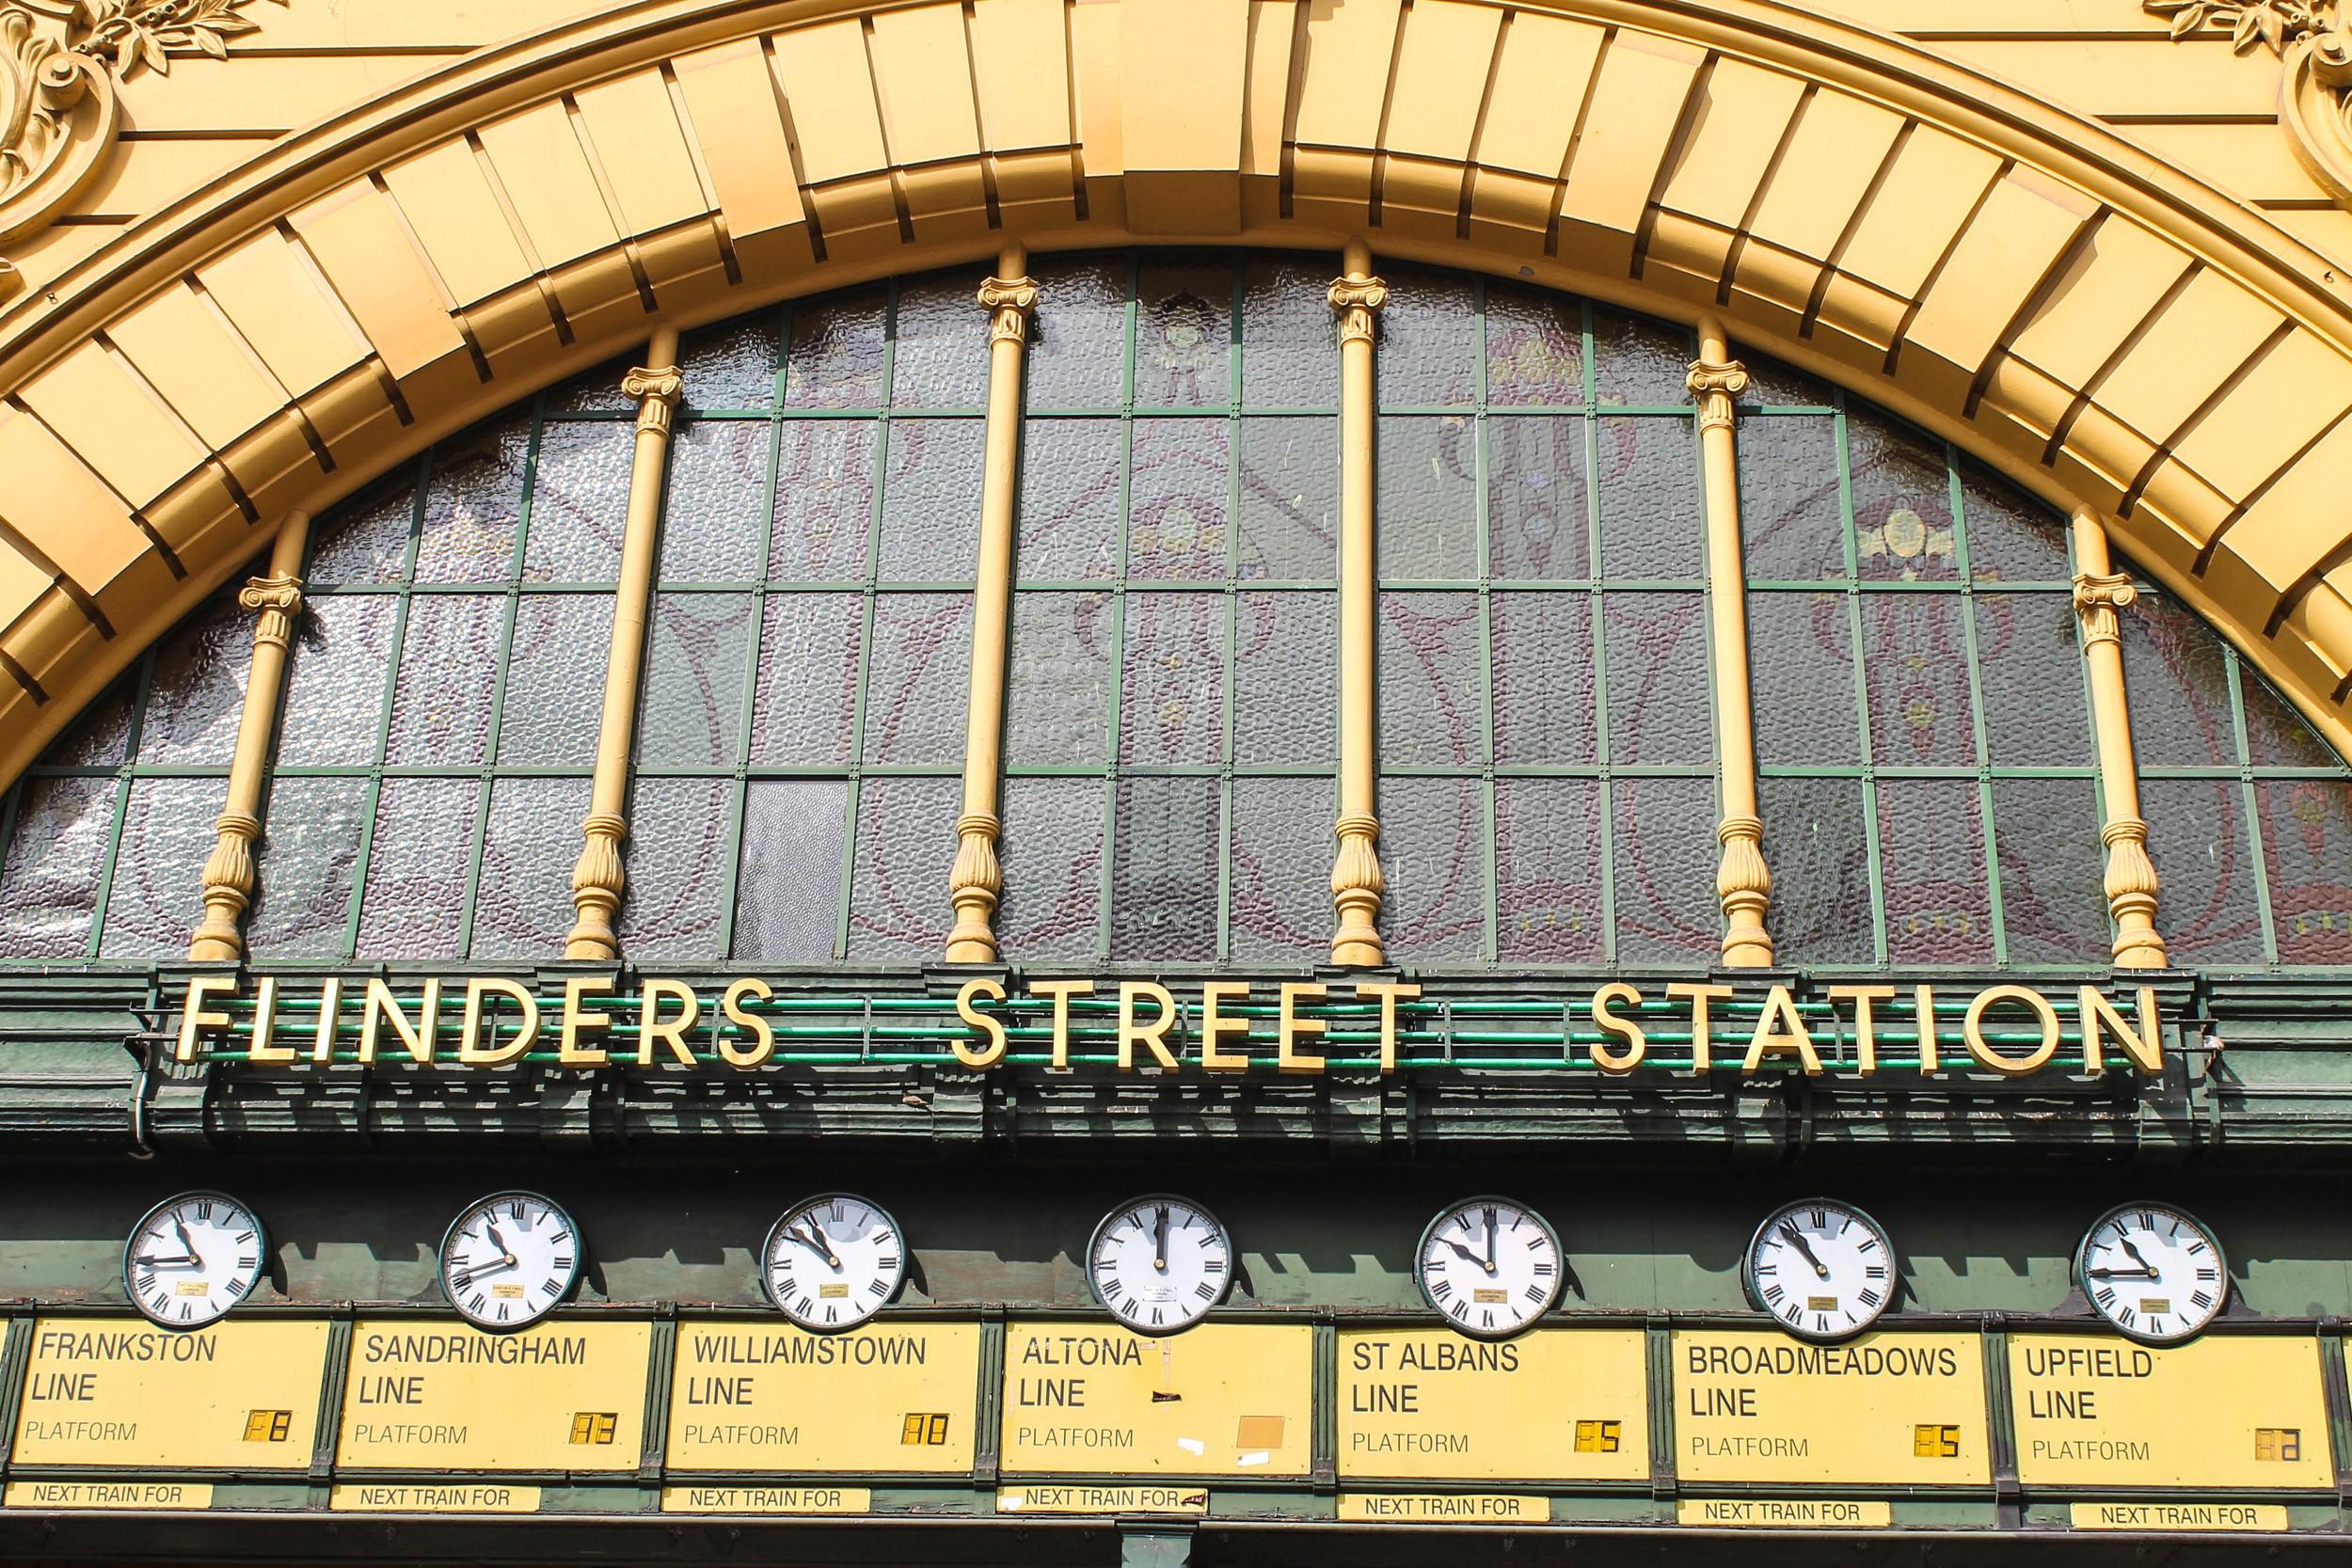 flinders-street-station-sign